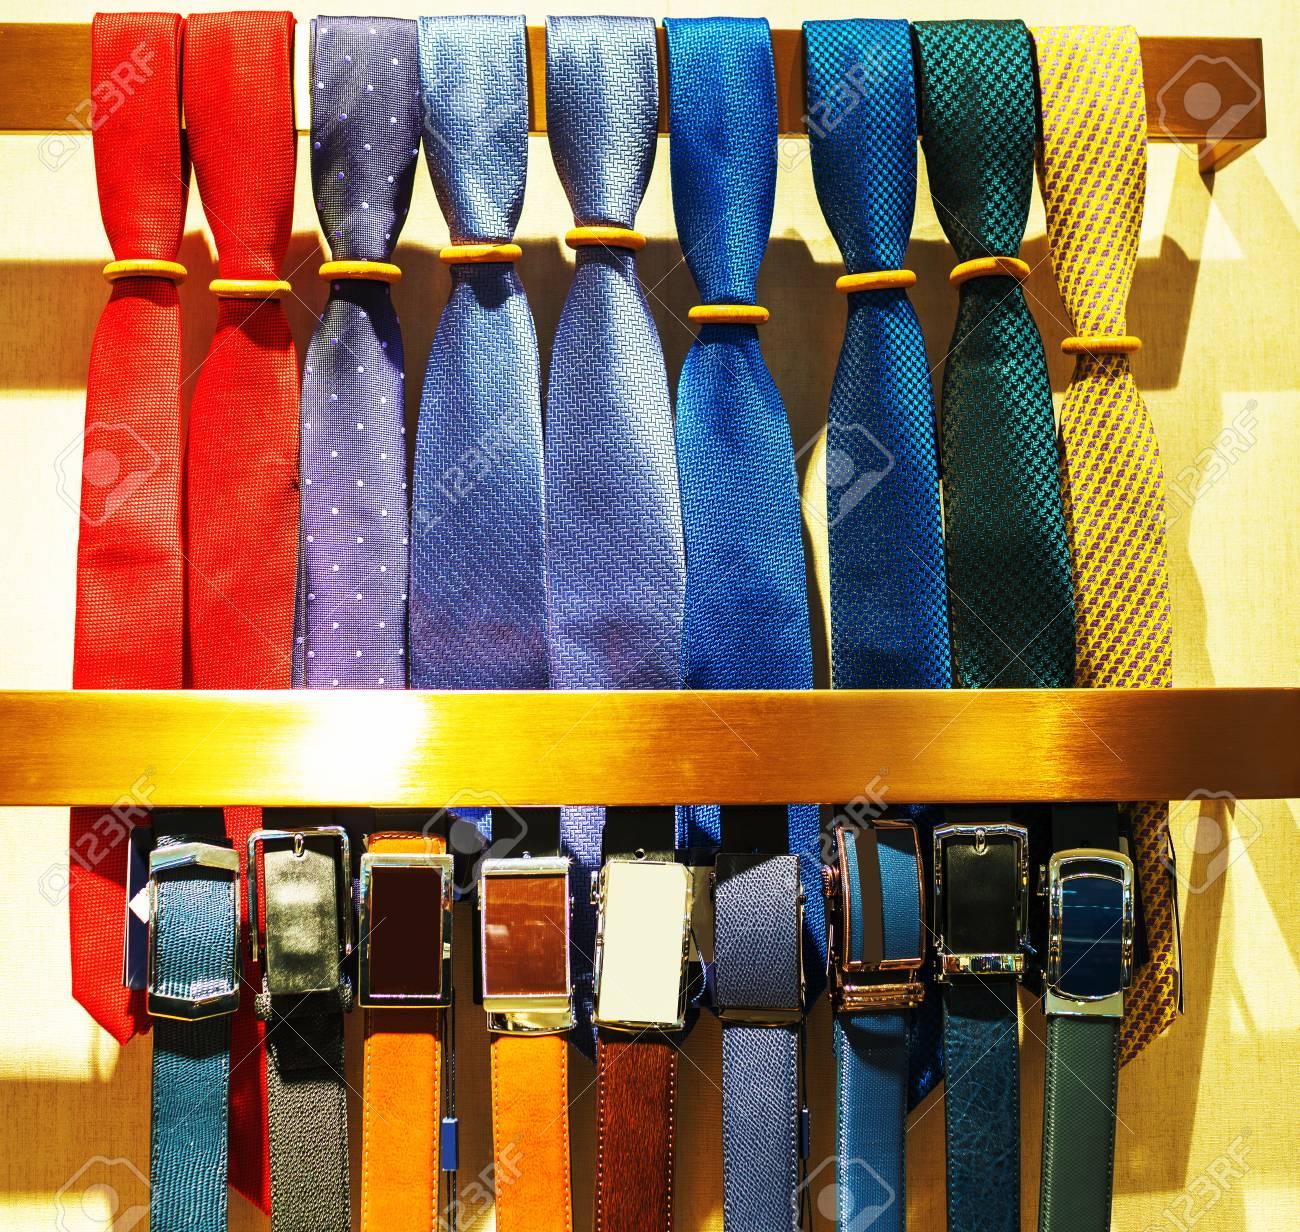 rebajas outlet venta caliente valor por dinero Escaparate de corbatas en la tienda. Colección de corbatas en espiral en la  pantalla y una corbata plana encima de otras